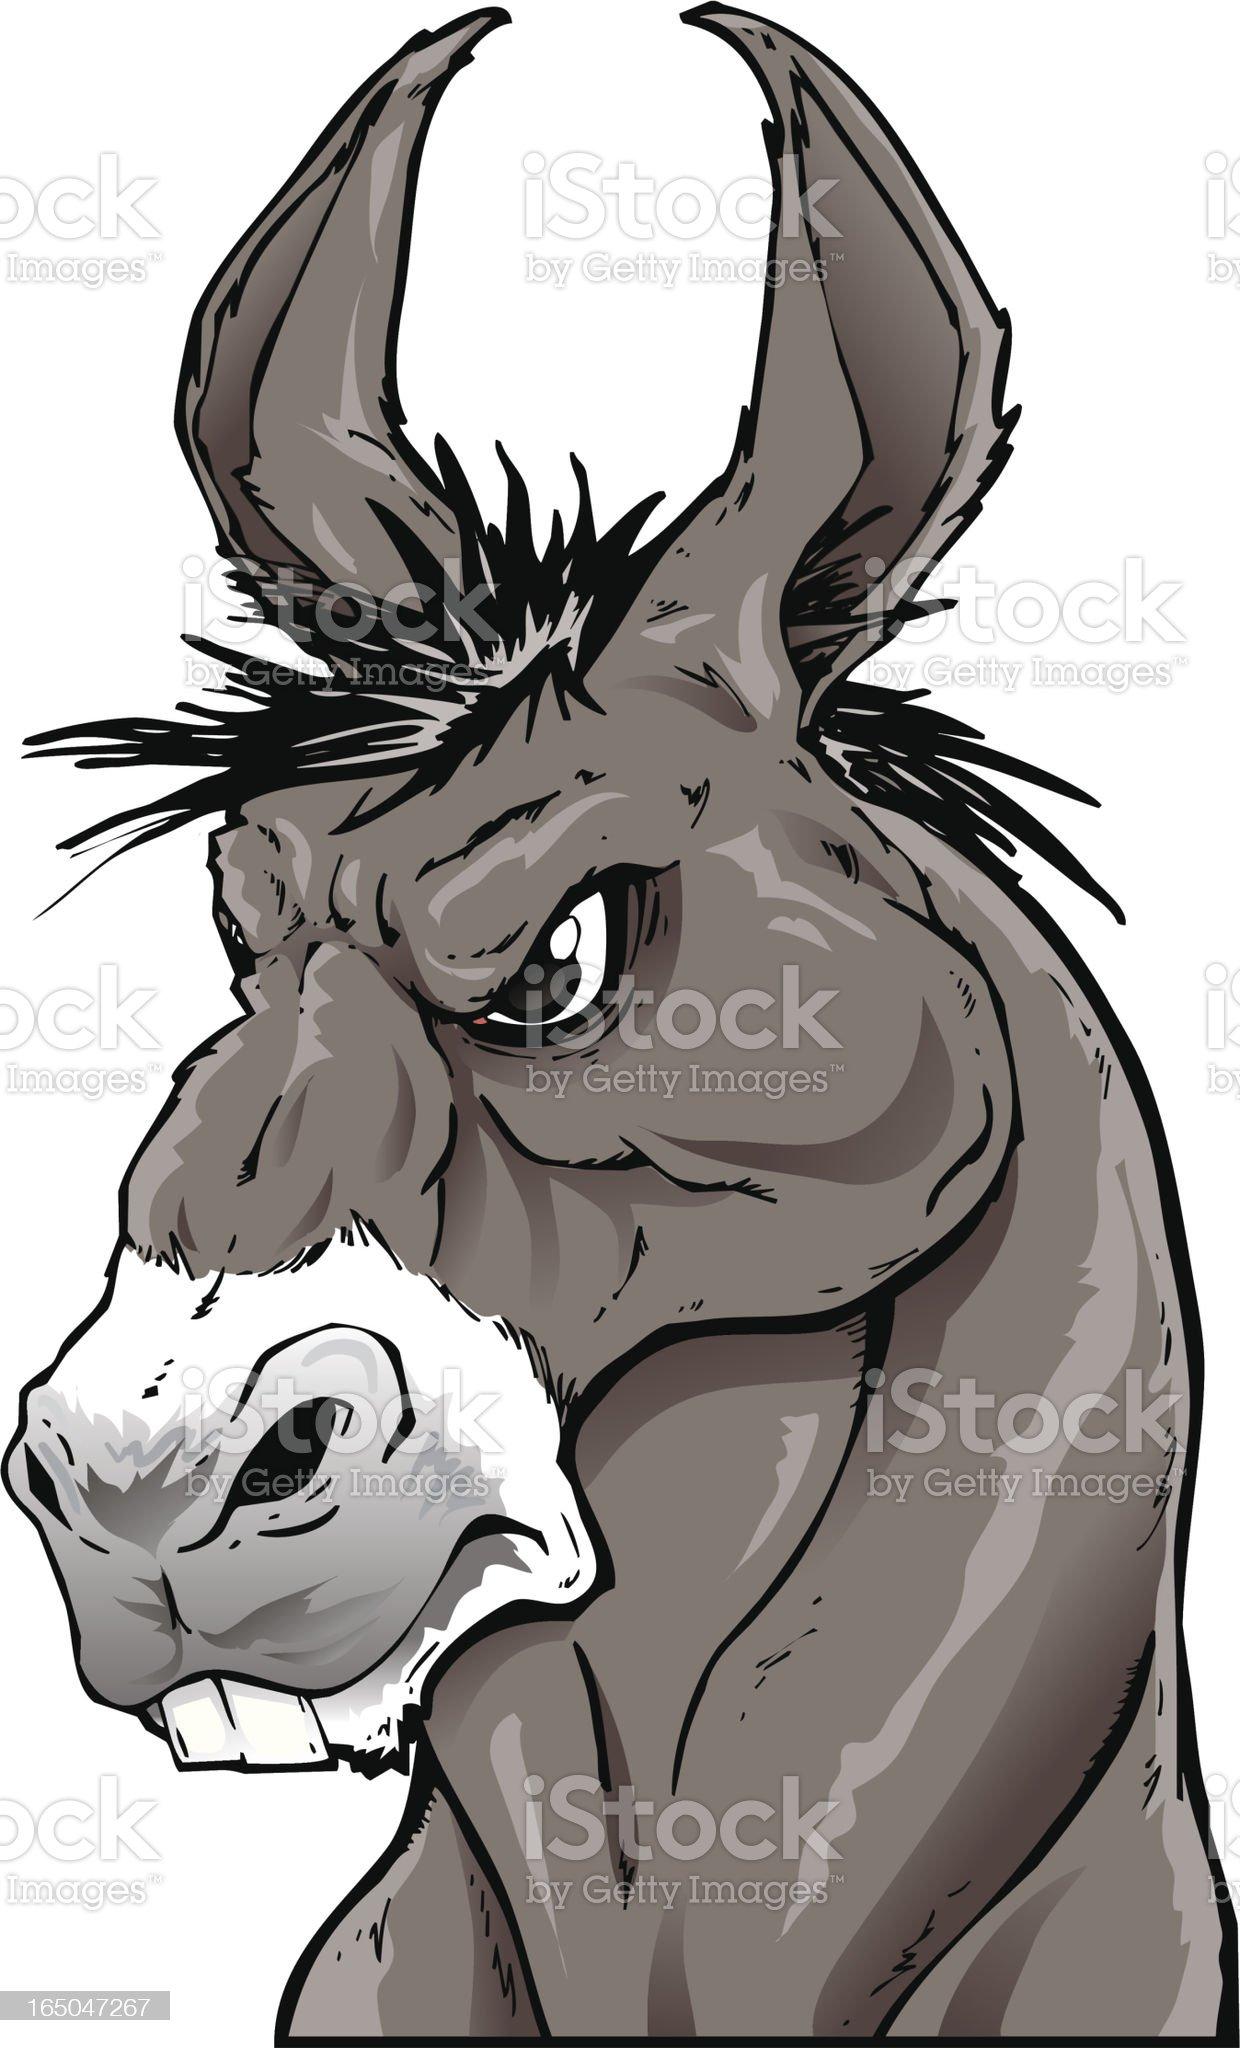 Donkey royalty-free stock vector art